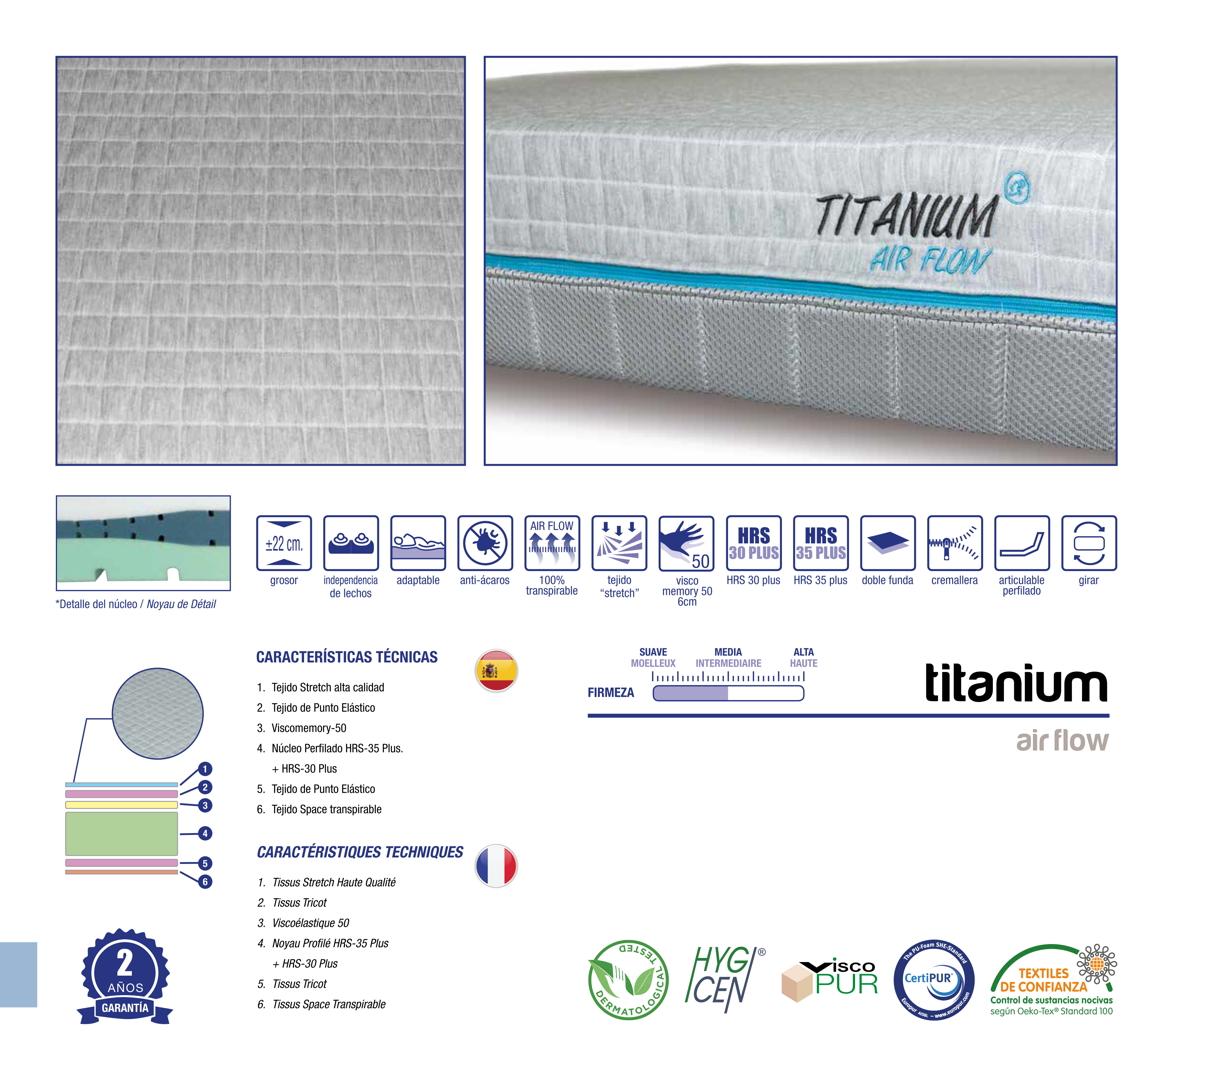 colchones randor flexibles titanium air flow